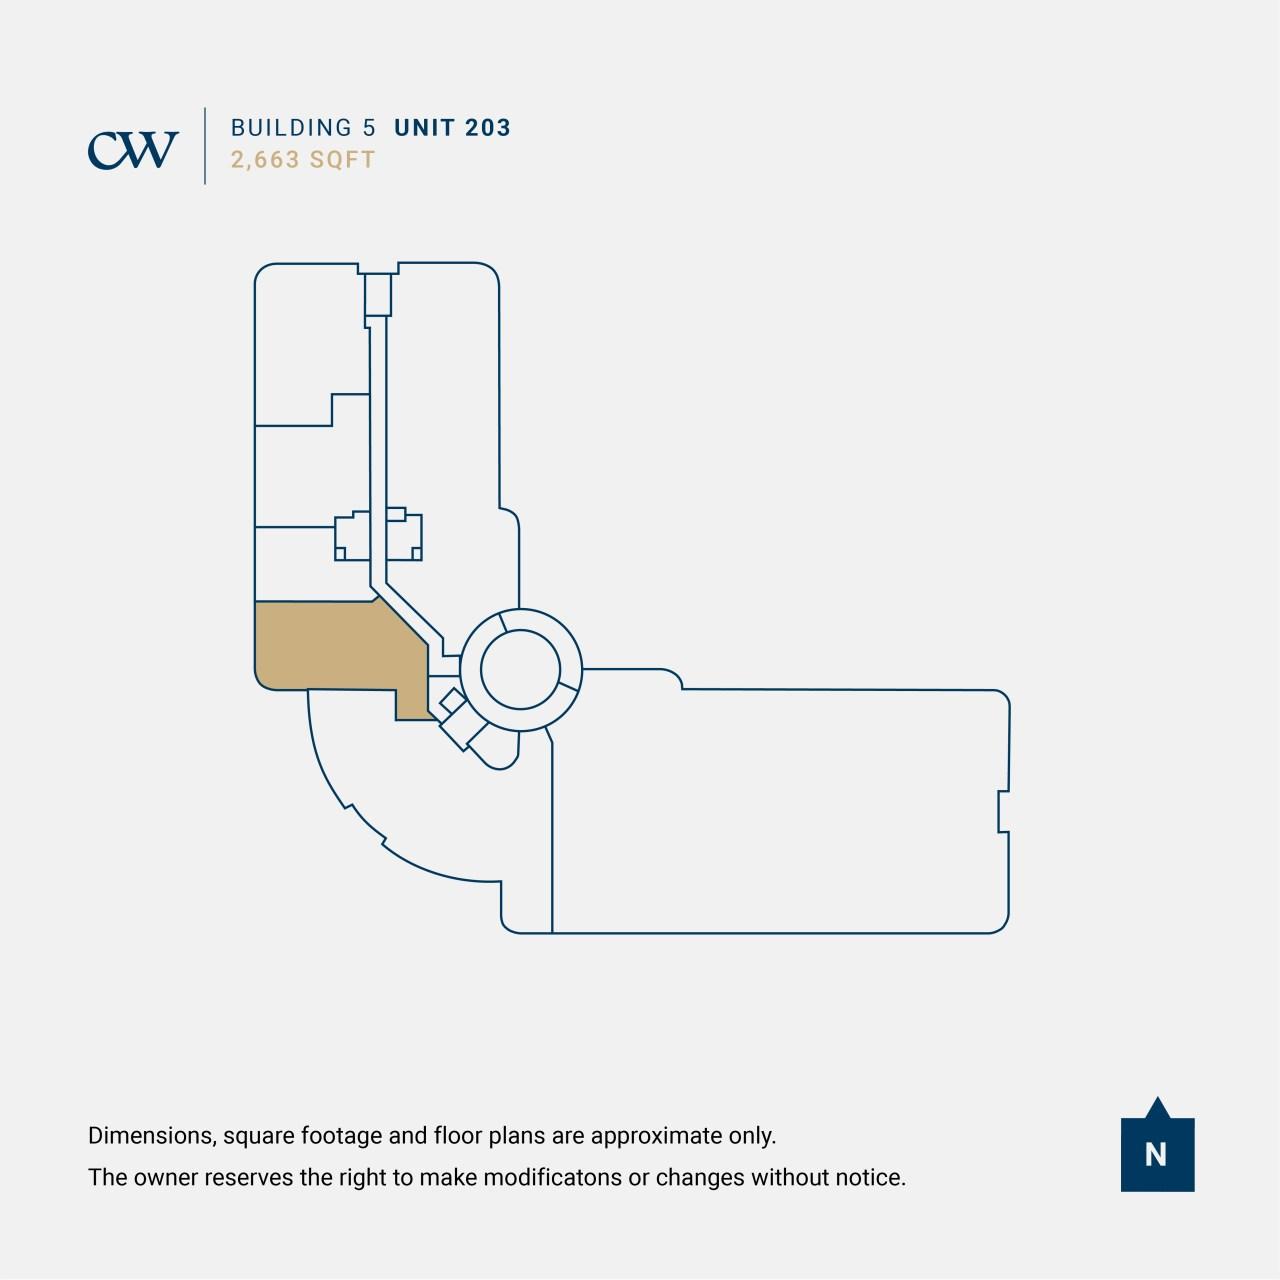 https://i0.wp.com/crestwoodcorporatecentre.com/wp-content/uploads/2021/07/Crestwood-Corporate-Centre-Floor-Plans-Building-5-Unit-203.jpg?resize=1280%2C1280&ssl=1